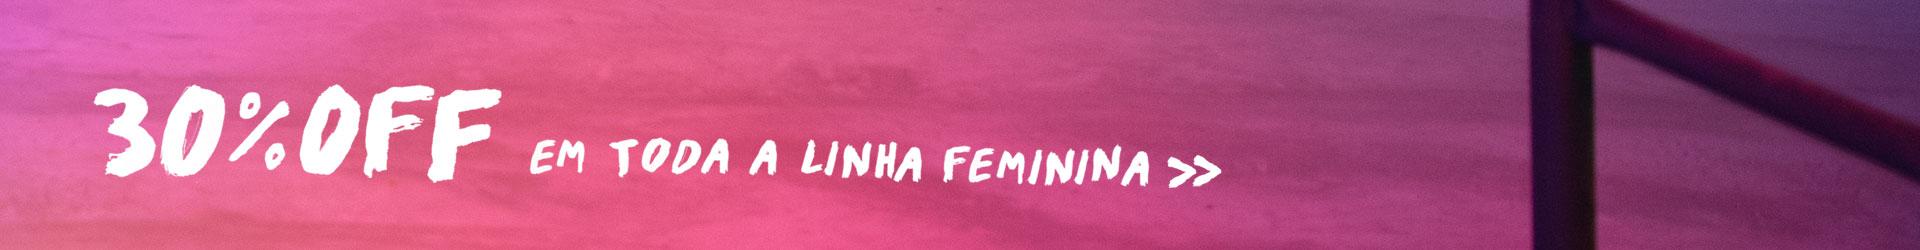 30% Feminino